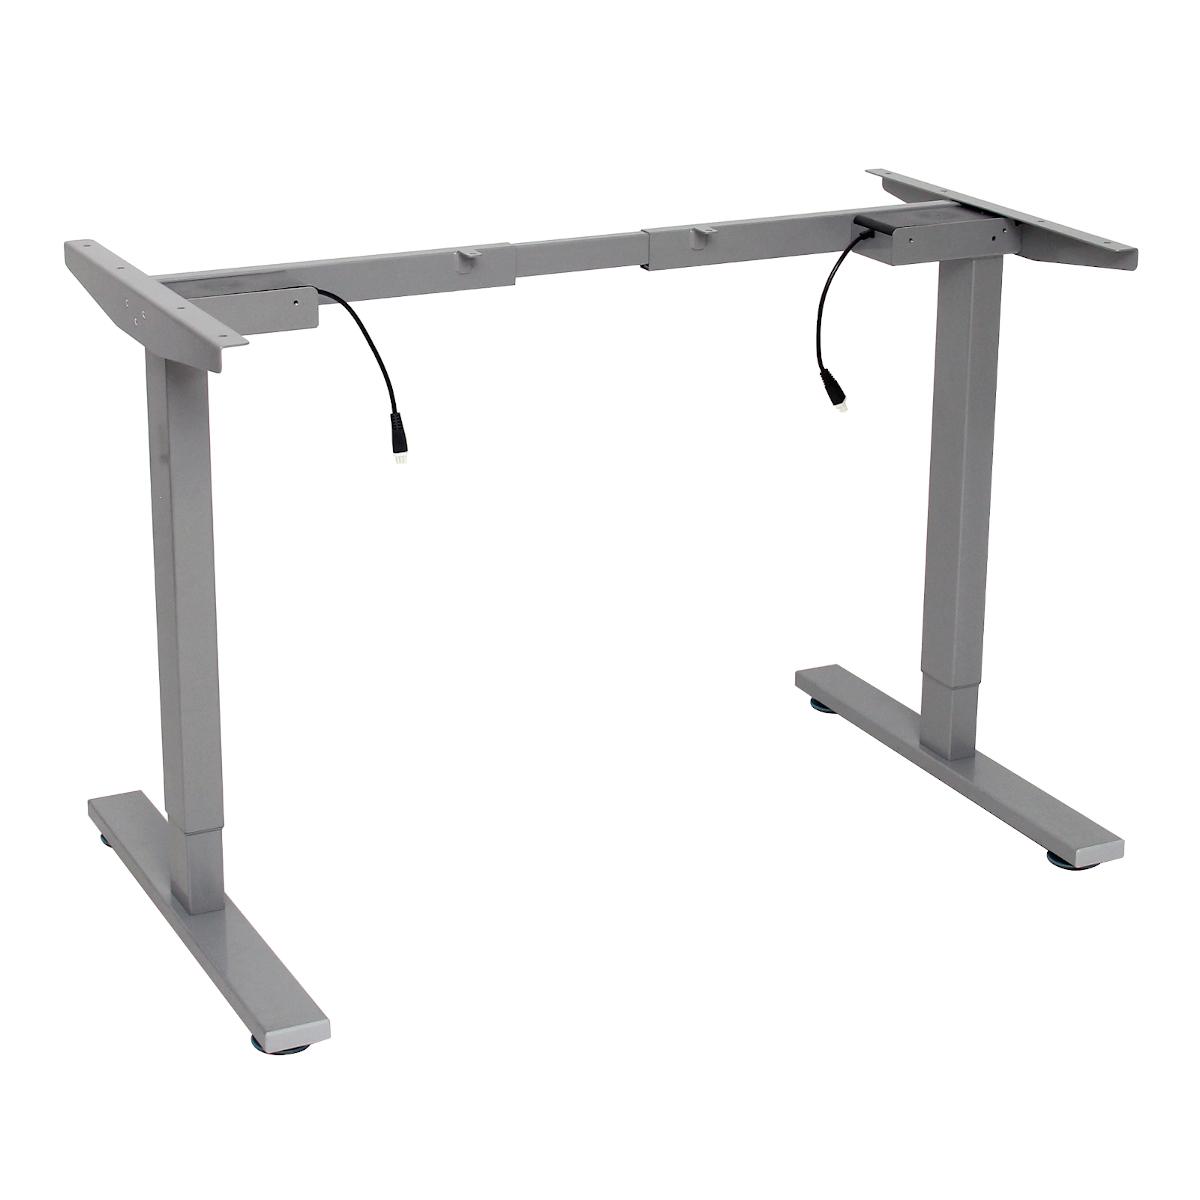 92288 SVITA höhenverstellbares Schreibtisch-Gestell 70-125 cm grau